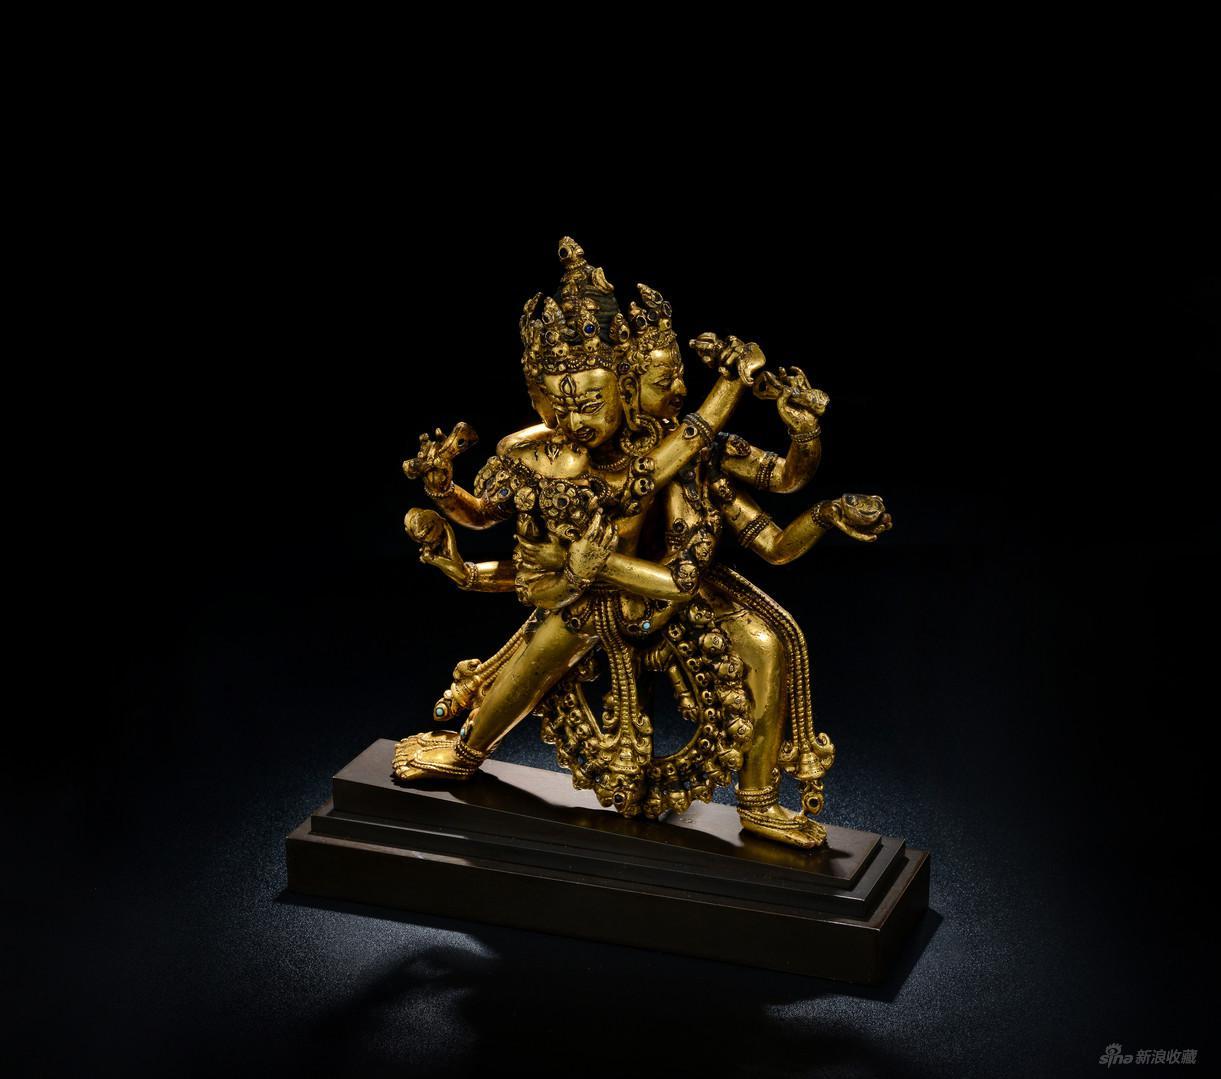 《胜乐金刚》,红铜鎏金,来自小嘴文化